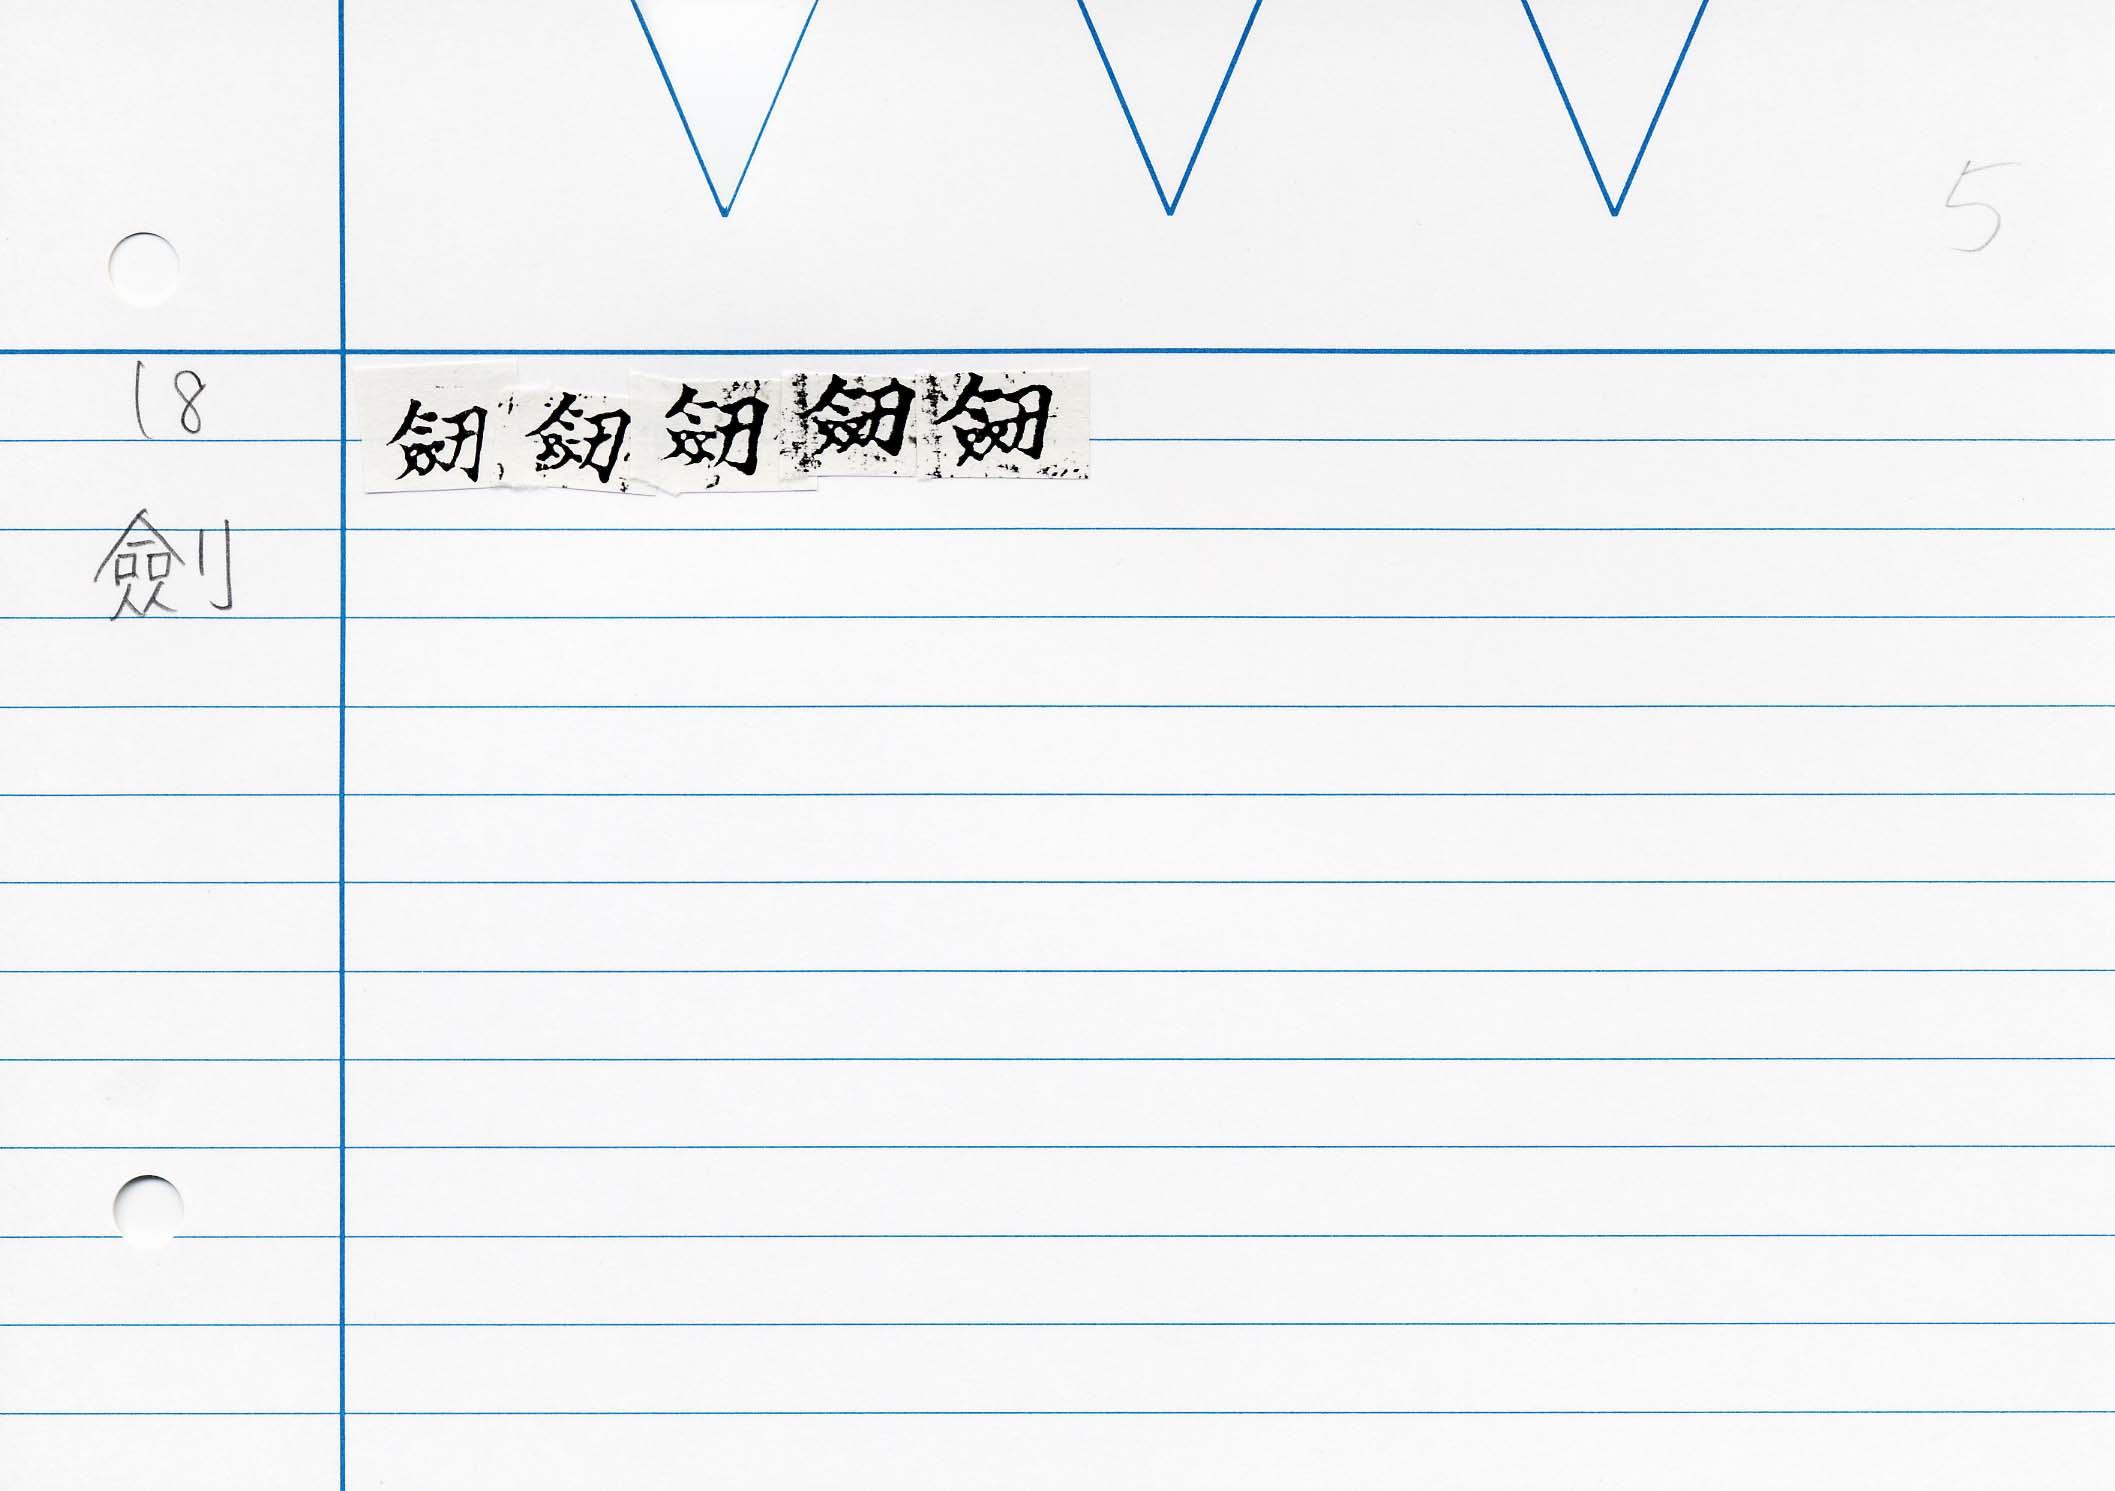 61_最上秘密那拏天經(東禪寺版日本寫本)/cards/0189.jpg